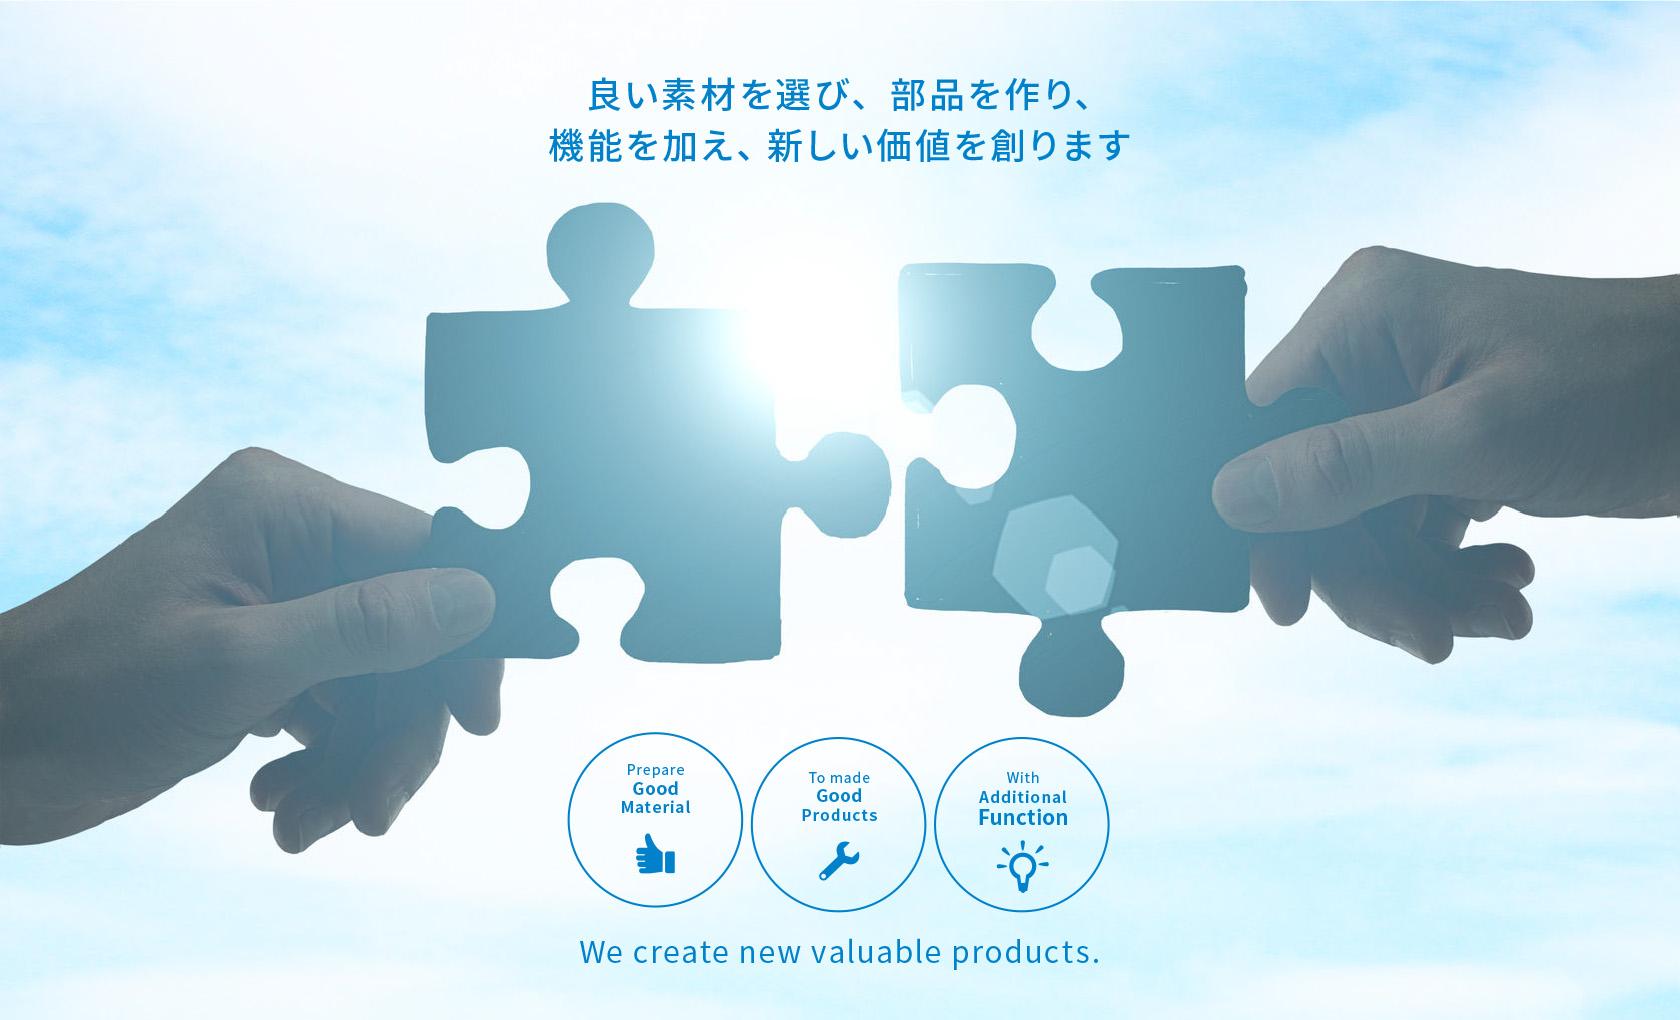 良い素材を選び、部品を作り、機能を加え、新しい価値を創ります - We create new valuable products.